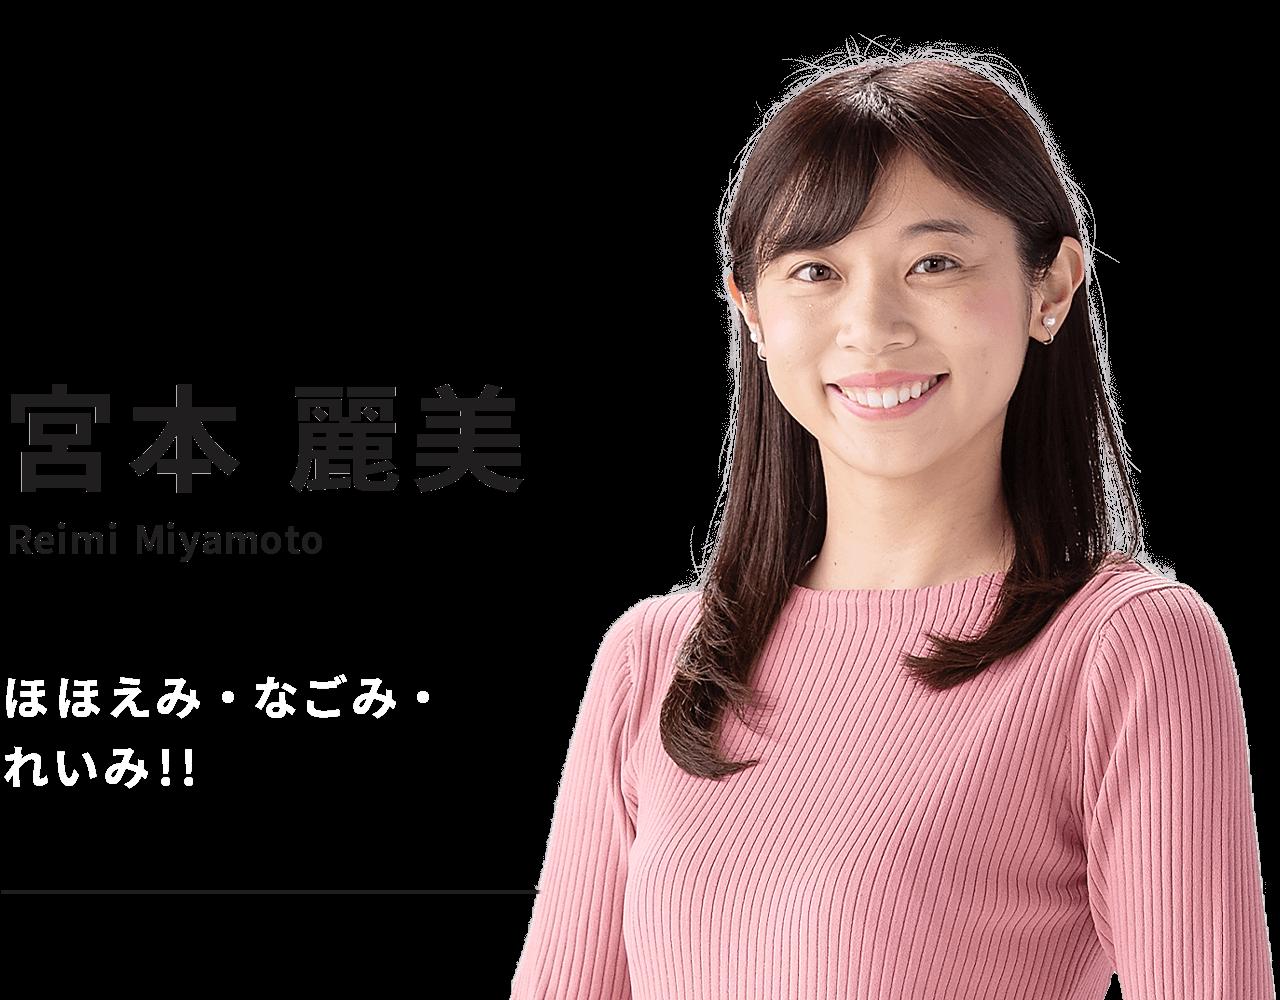 宮本 麗美(5きげんどようび)